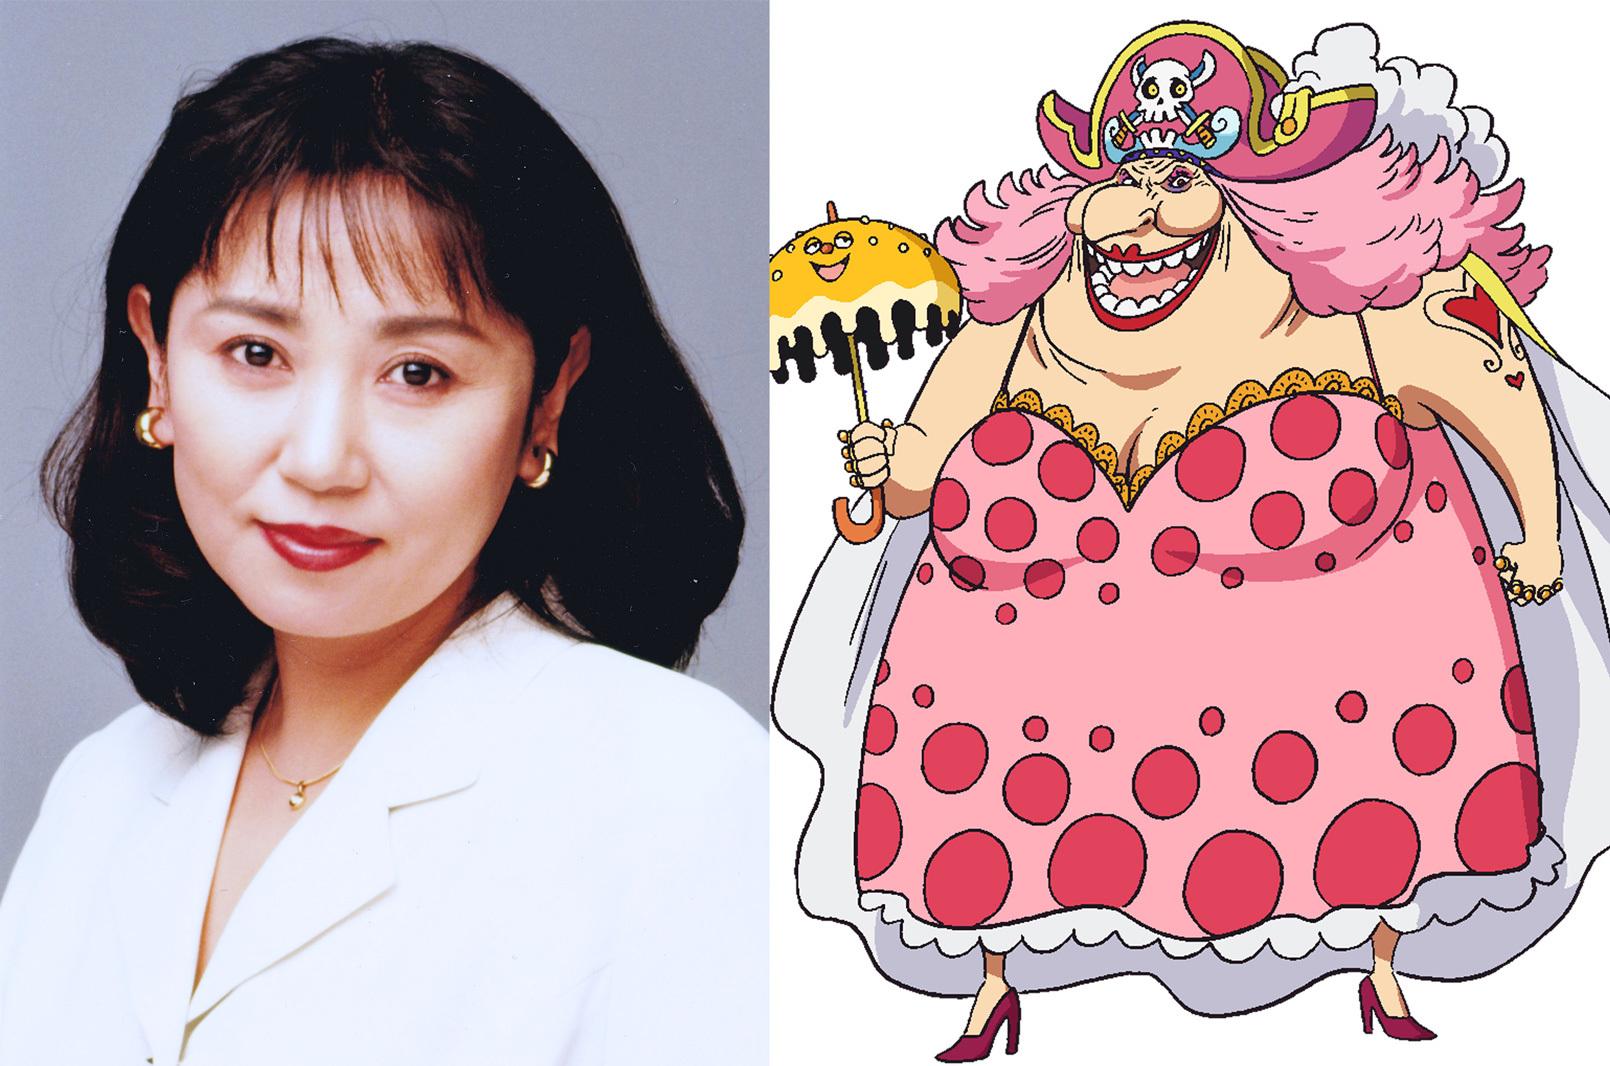 左から、小山茉美、ビッグ・マム (C)尾田栄一郎/集英社・フジテレビ・東映アニメーション